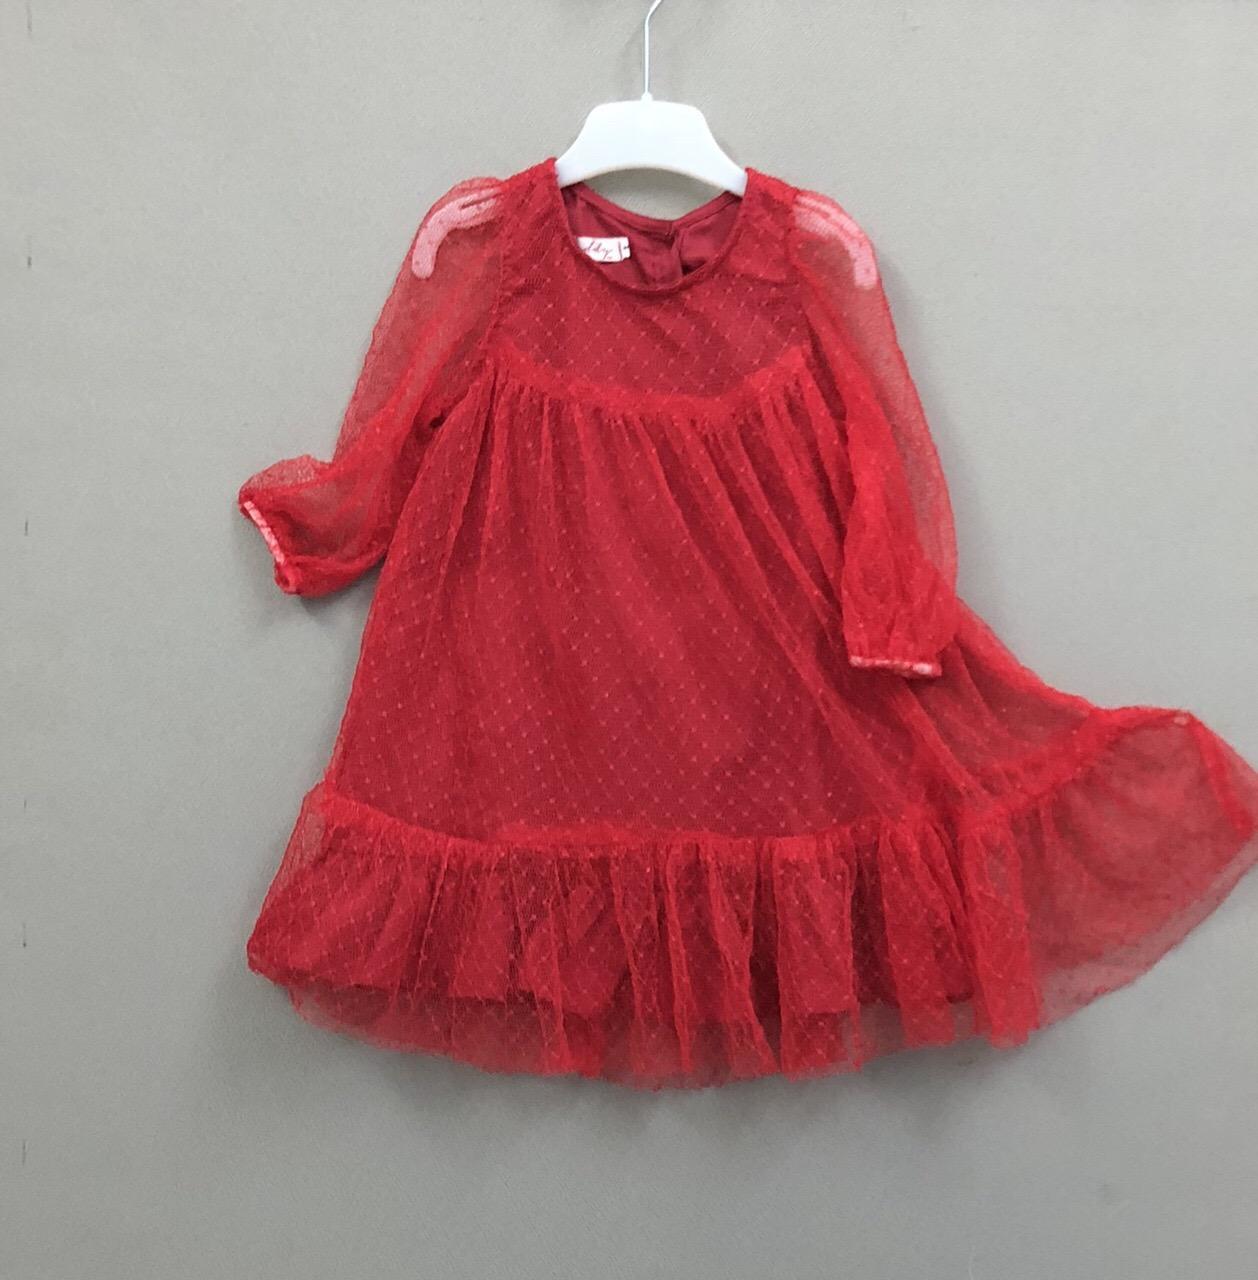 Giá bán Đầm lưới bi tay lỡ thời trang bé gái - Màu đỏ (Size 1-8) bé 6 đến 22 kg